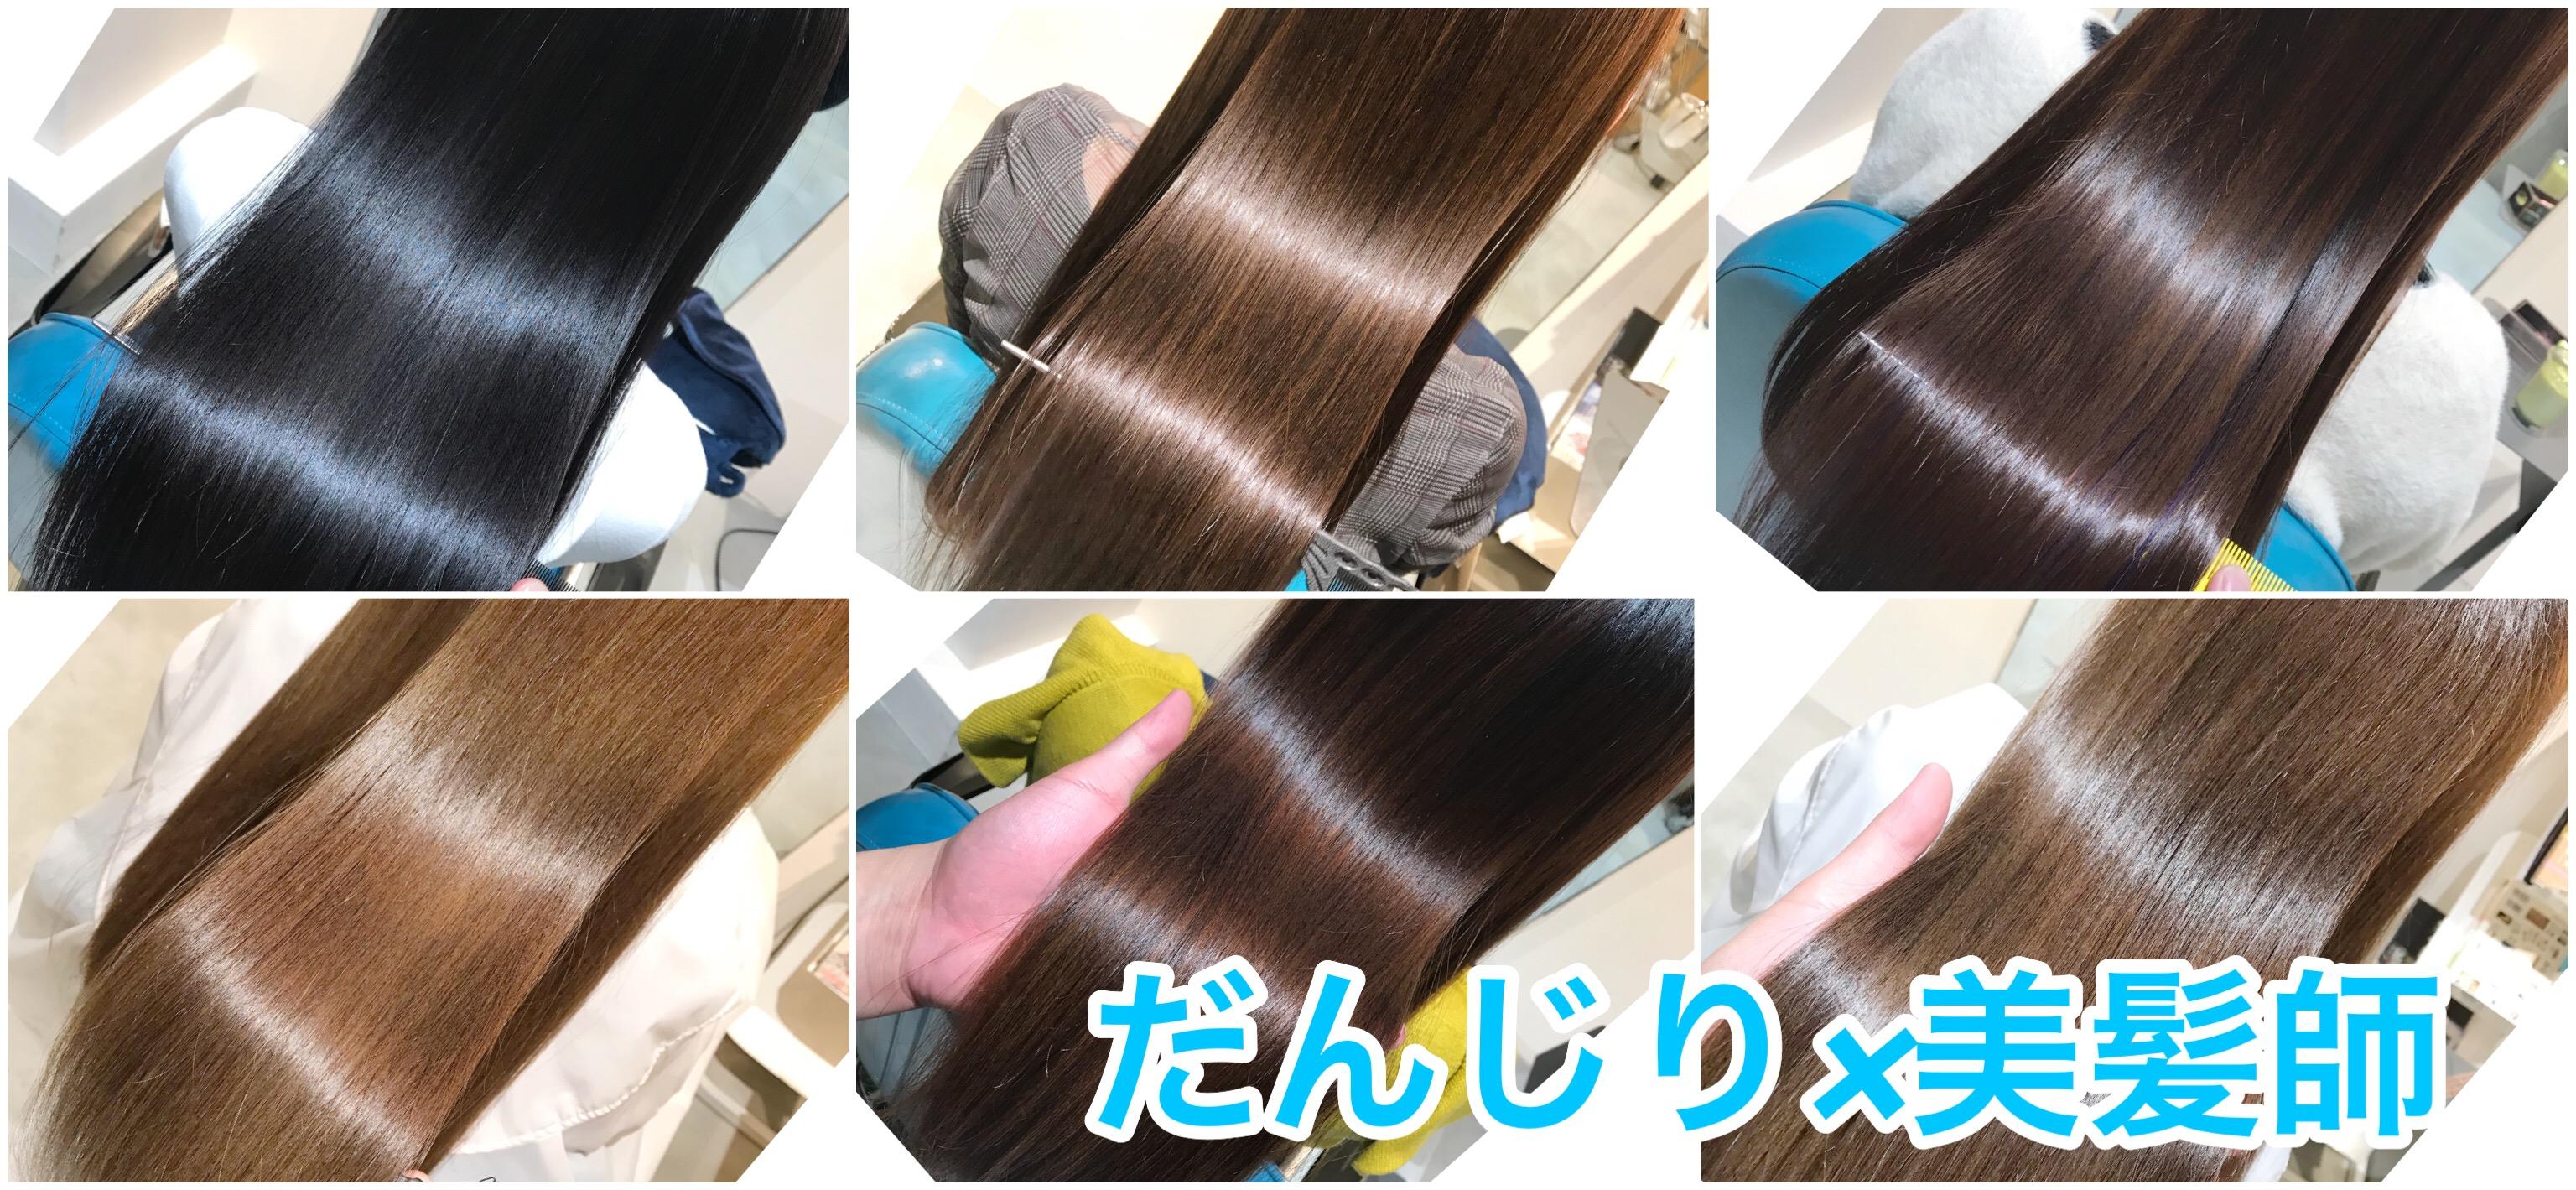 だんじり×美髪師blog